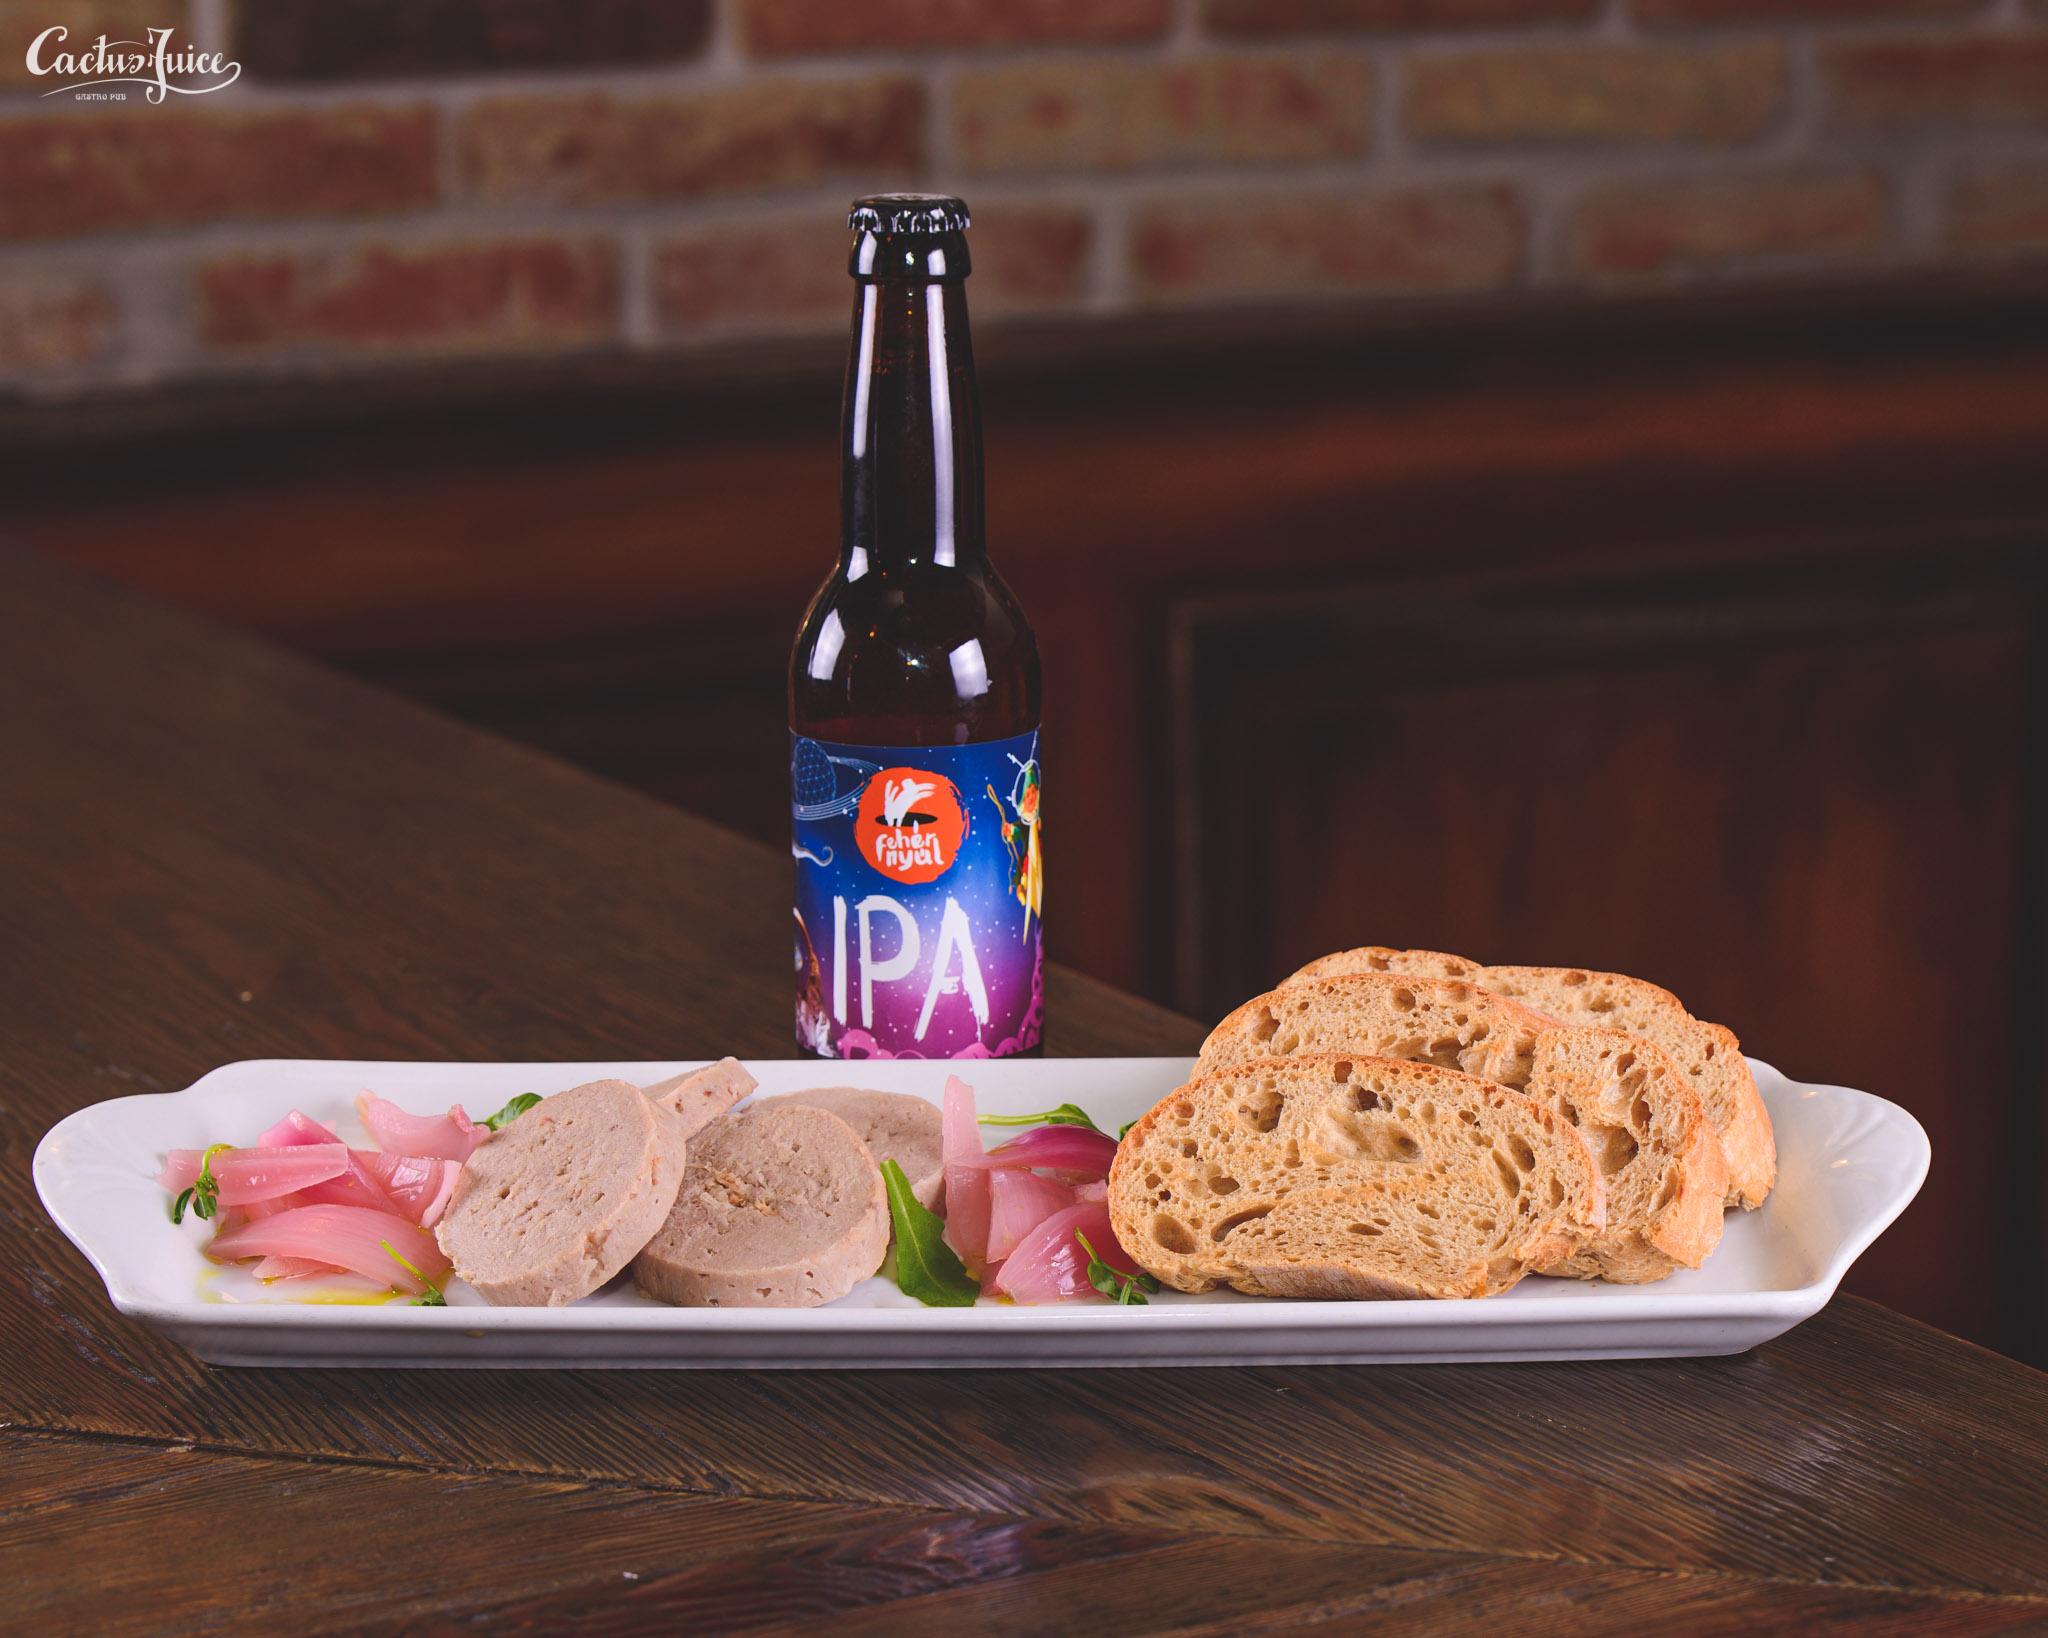 Malac tarja rilett barna sörös kenyér ropogós házi savanyított lila hagymával.